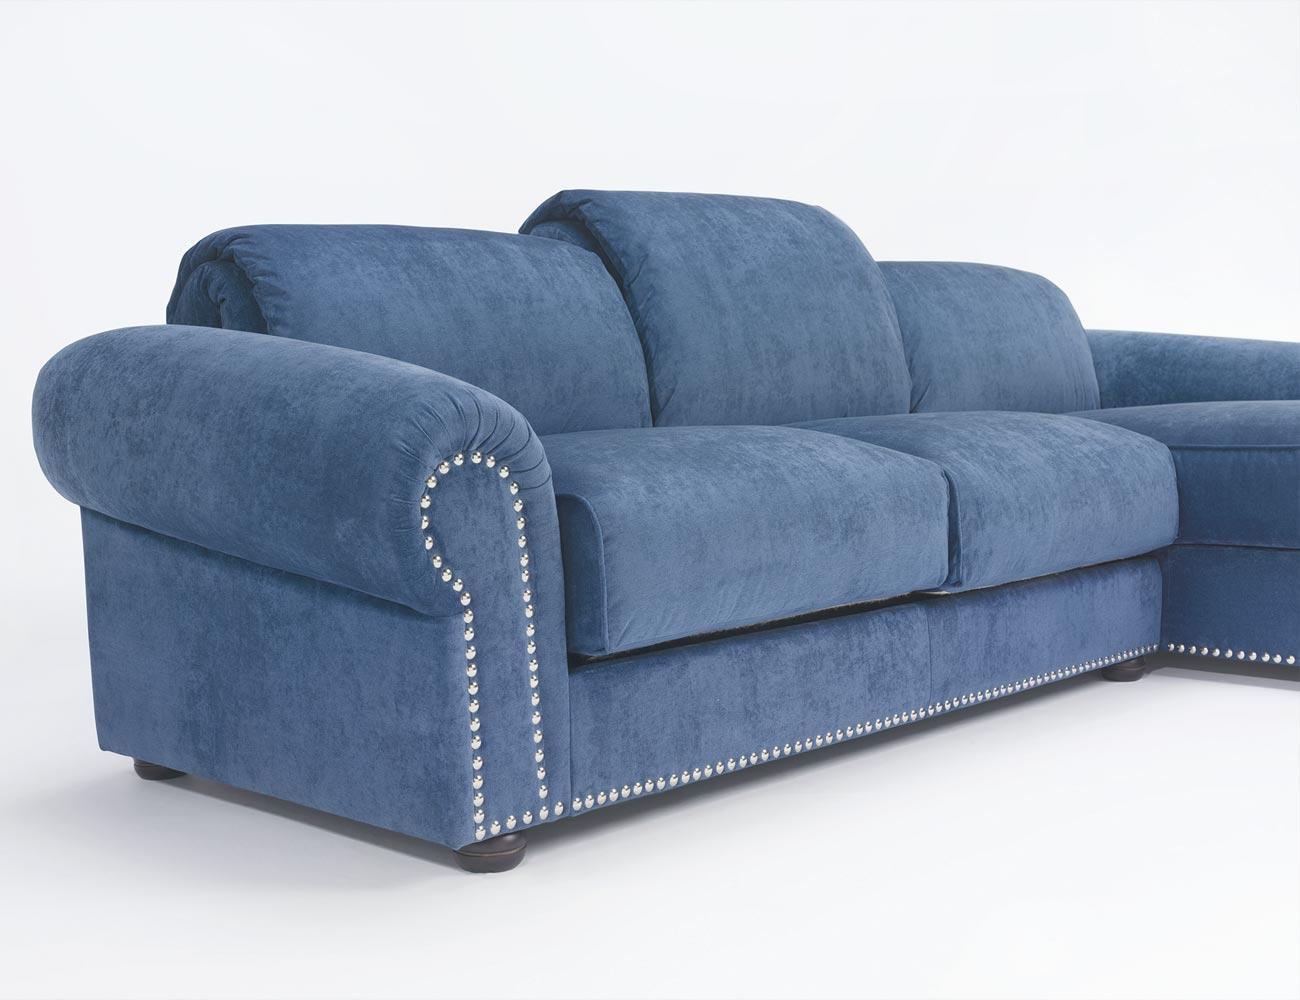 Sofa chaiselongue gran lujo decorativo azul 141